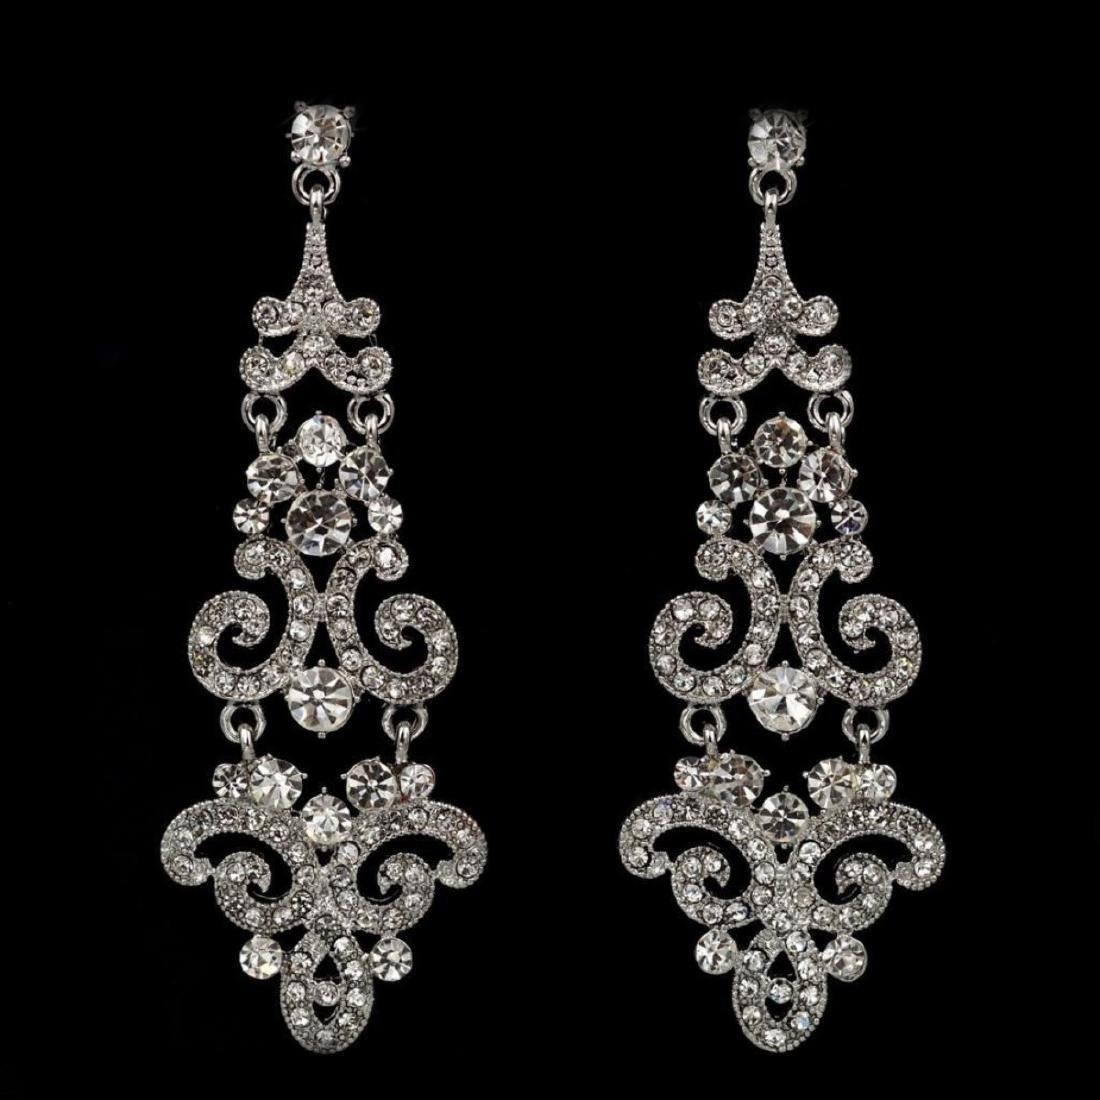 Rhodium Plated Clear Crystal Rhinestone Wedding Bridal